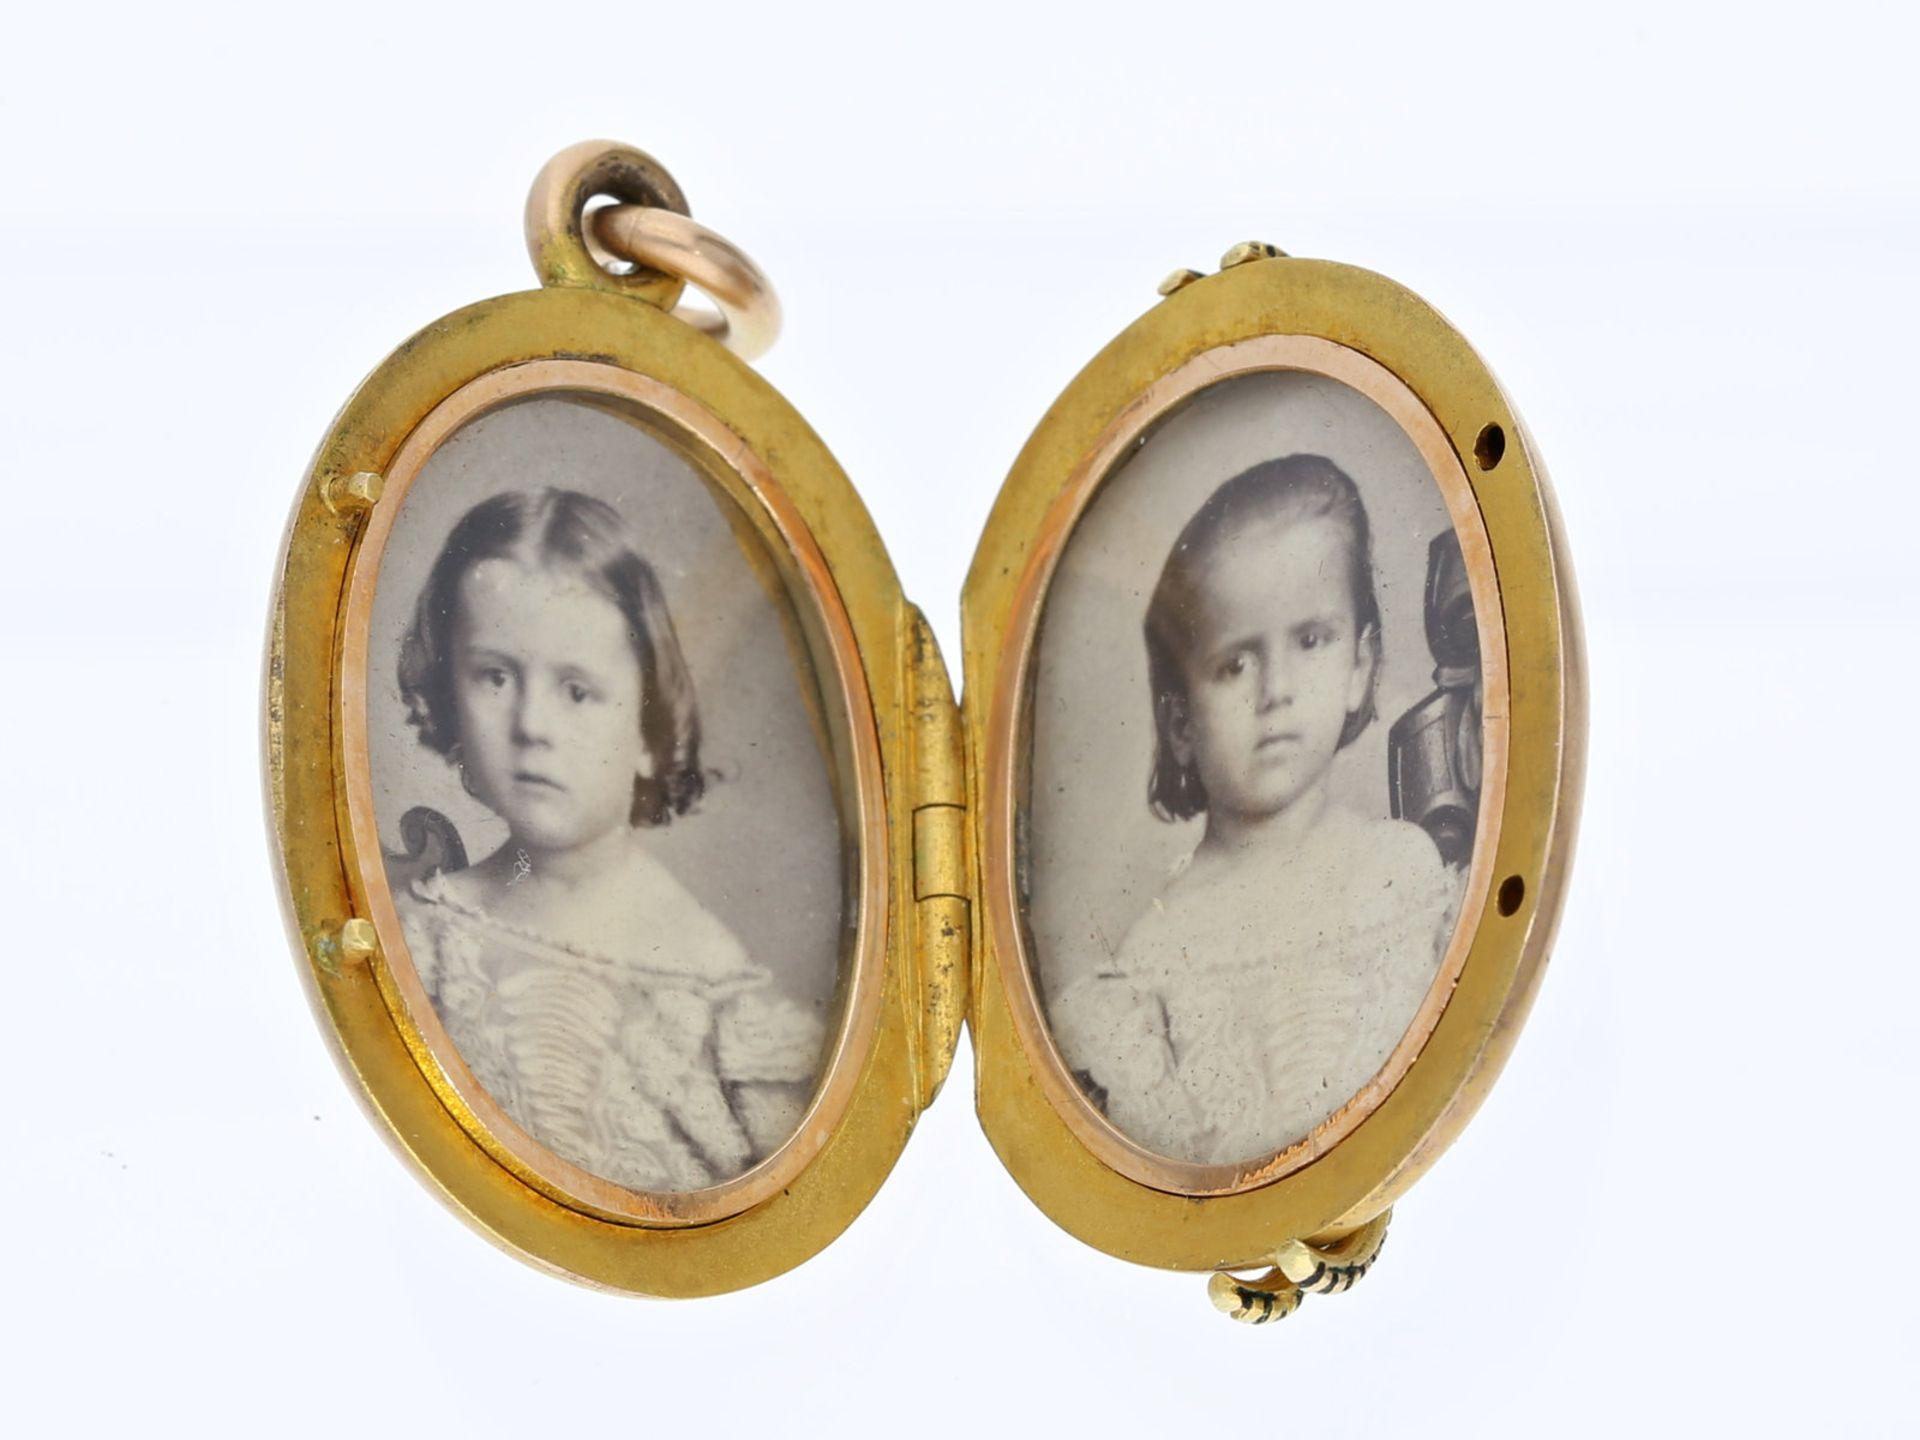 Anhänger: hochwertiger, antiker Medaillonanhänger, 19. JahrhundertCa. 36 × 24mm, ca. 14,2g, 14K - Bild 2 aus 2